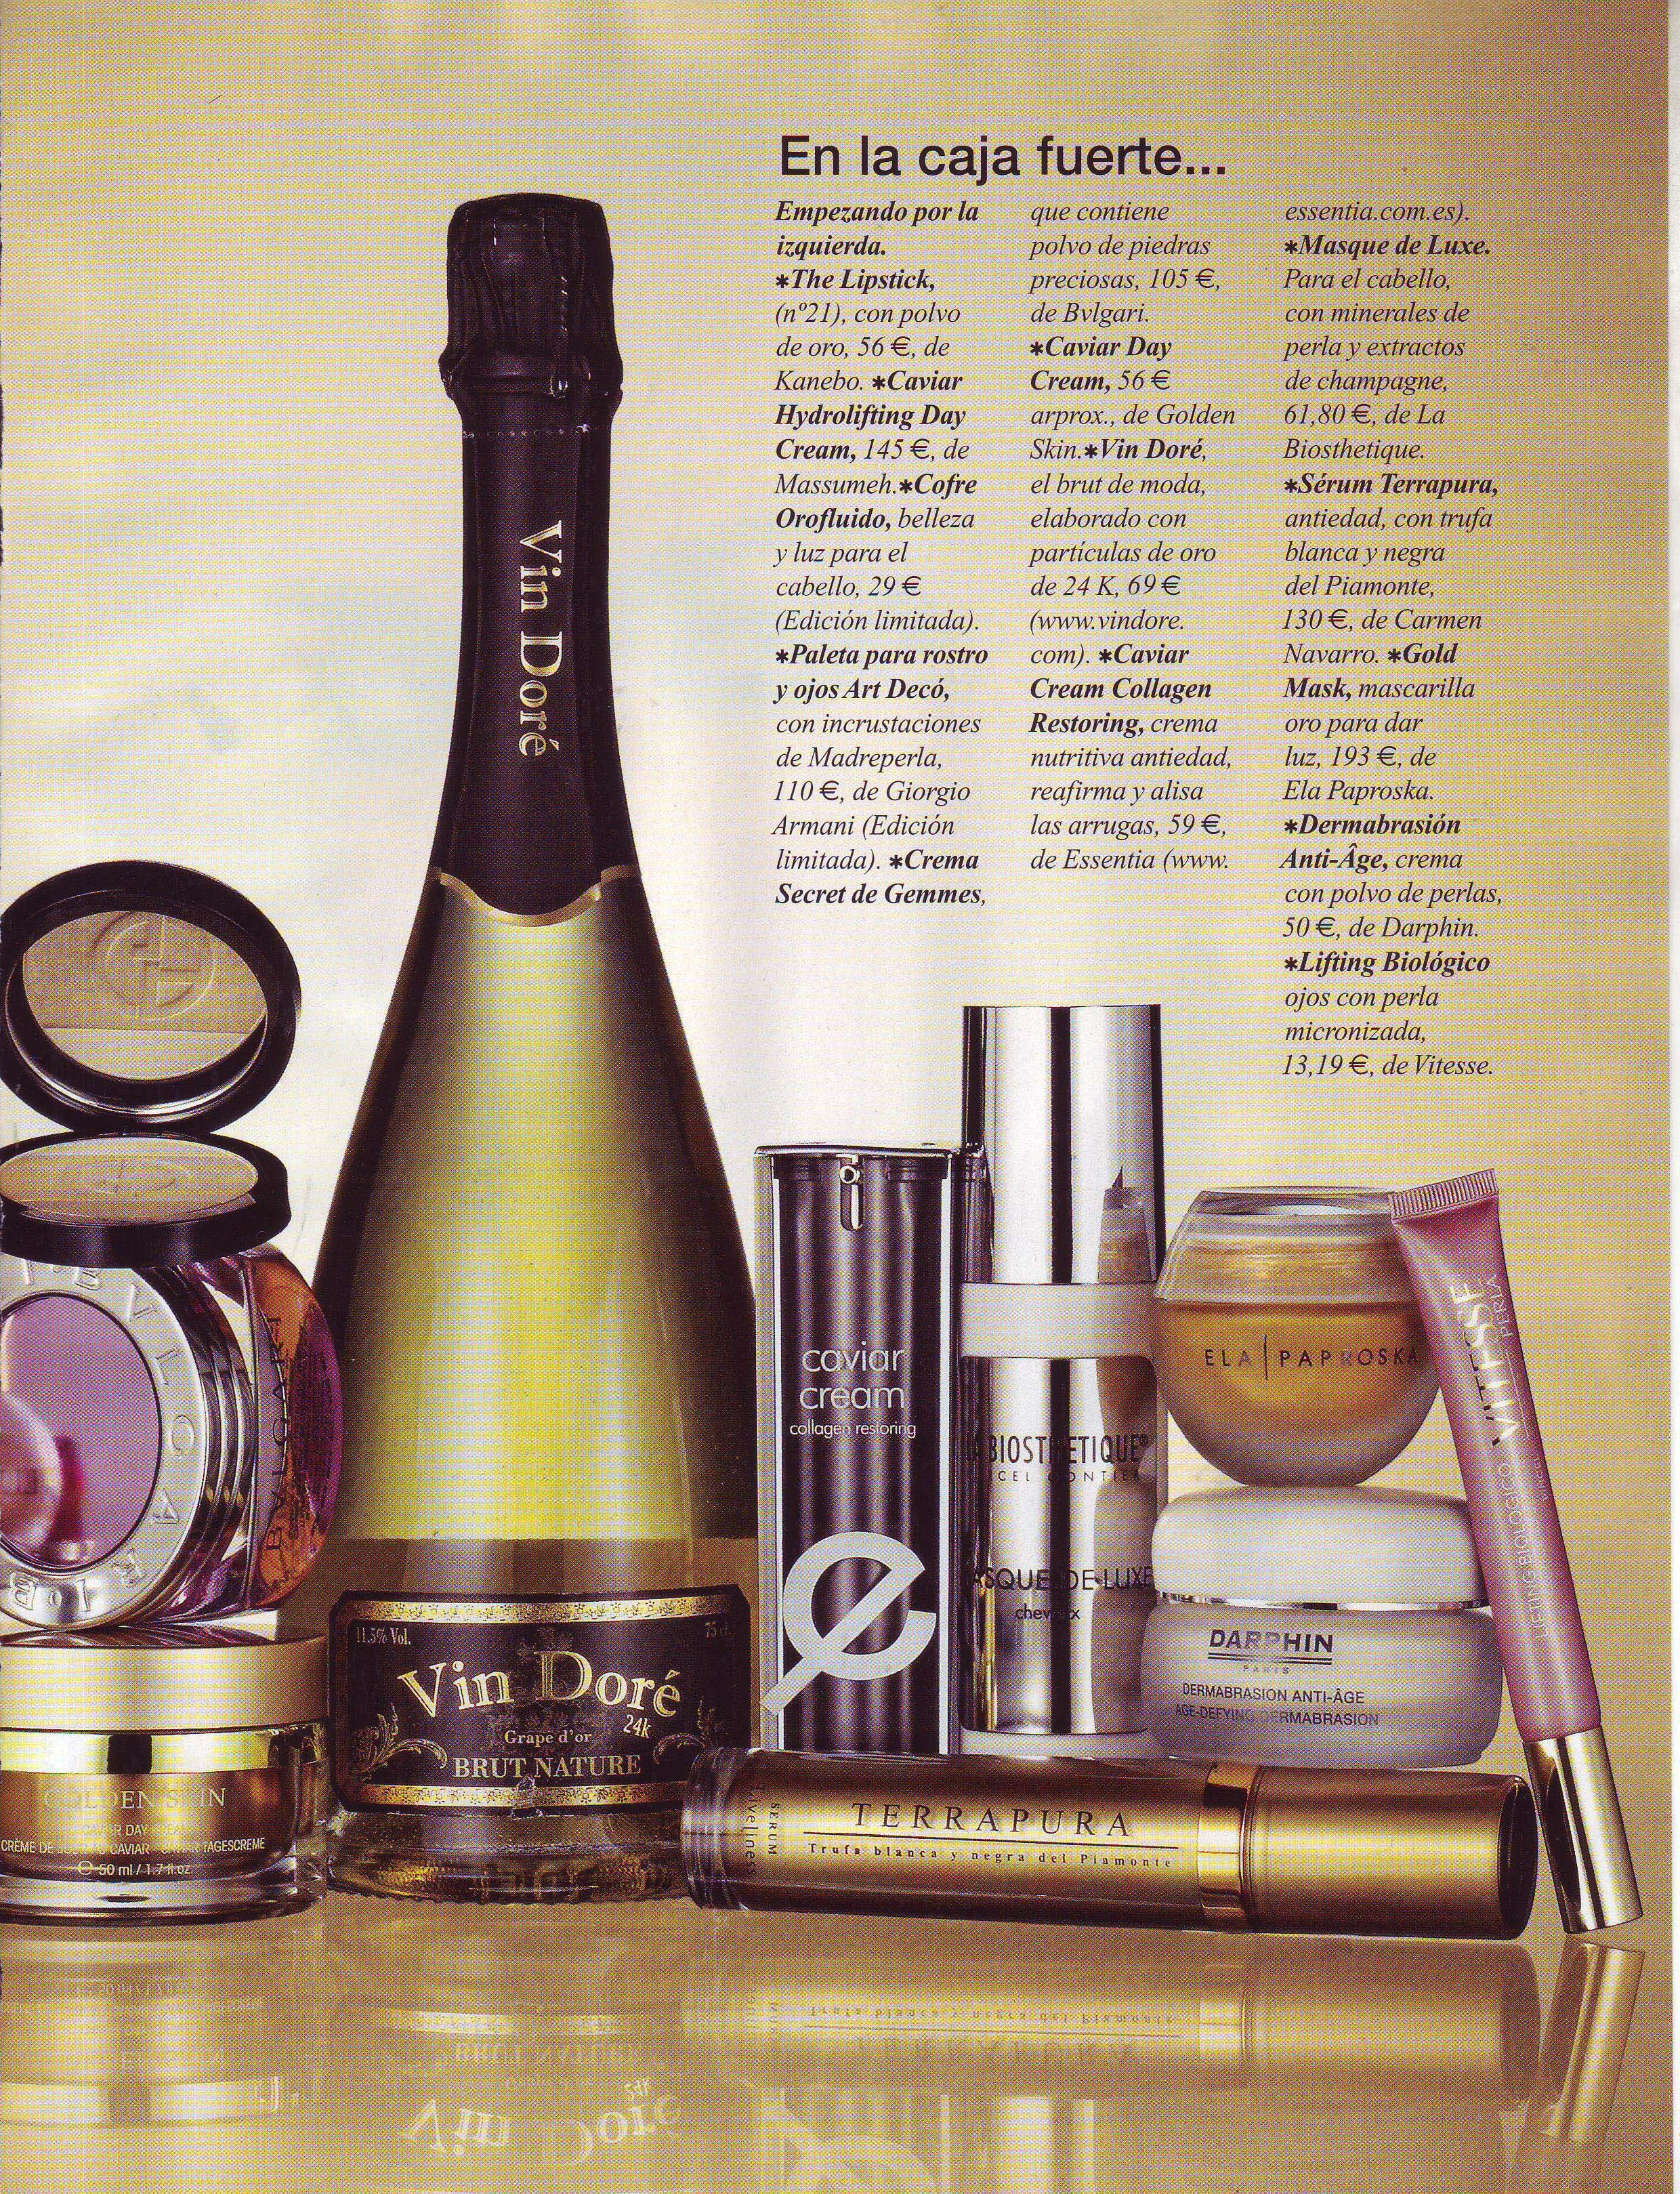 La revista Belleza Mía recomienda Vin Doré 24K